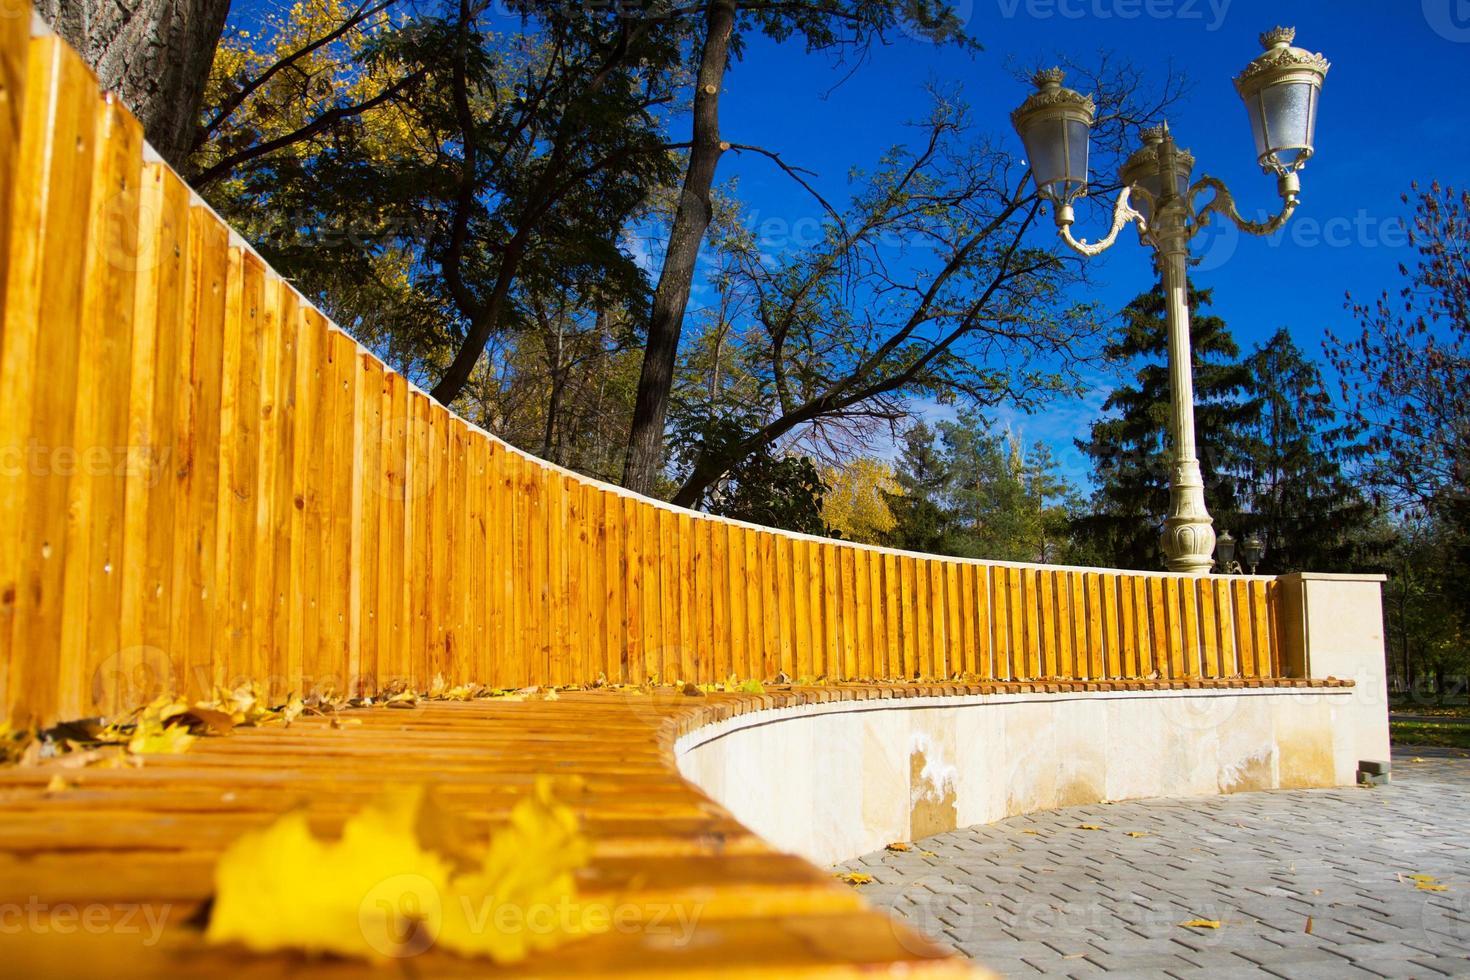 Holzbank im Herbstpark foto